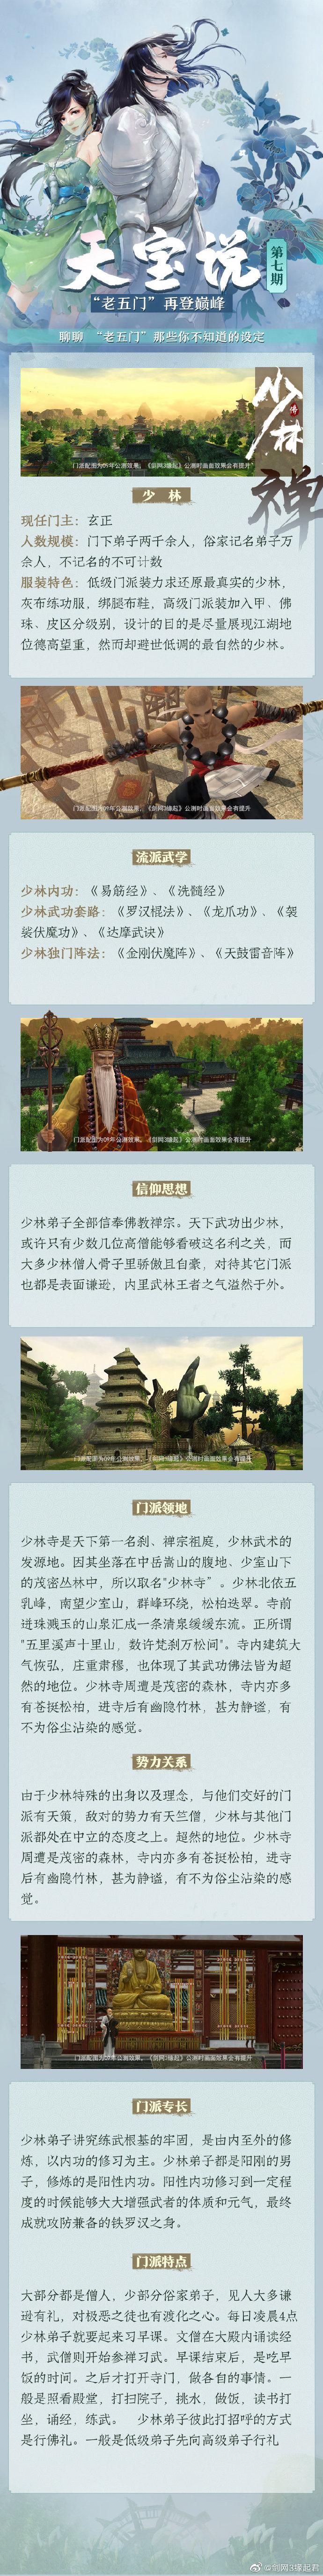 剑网3怀旧服新人门派推荐 五大门派详解